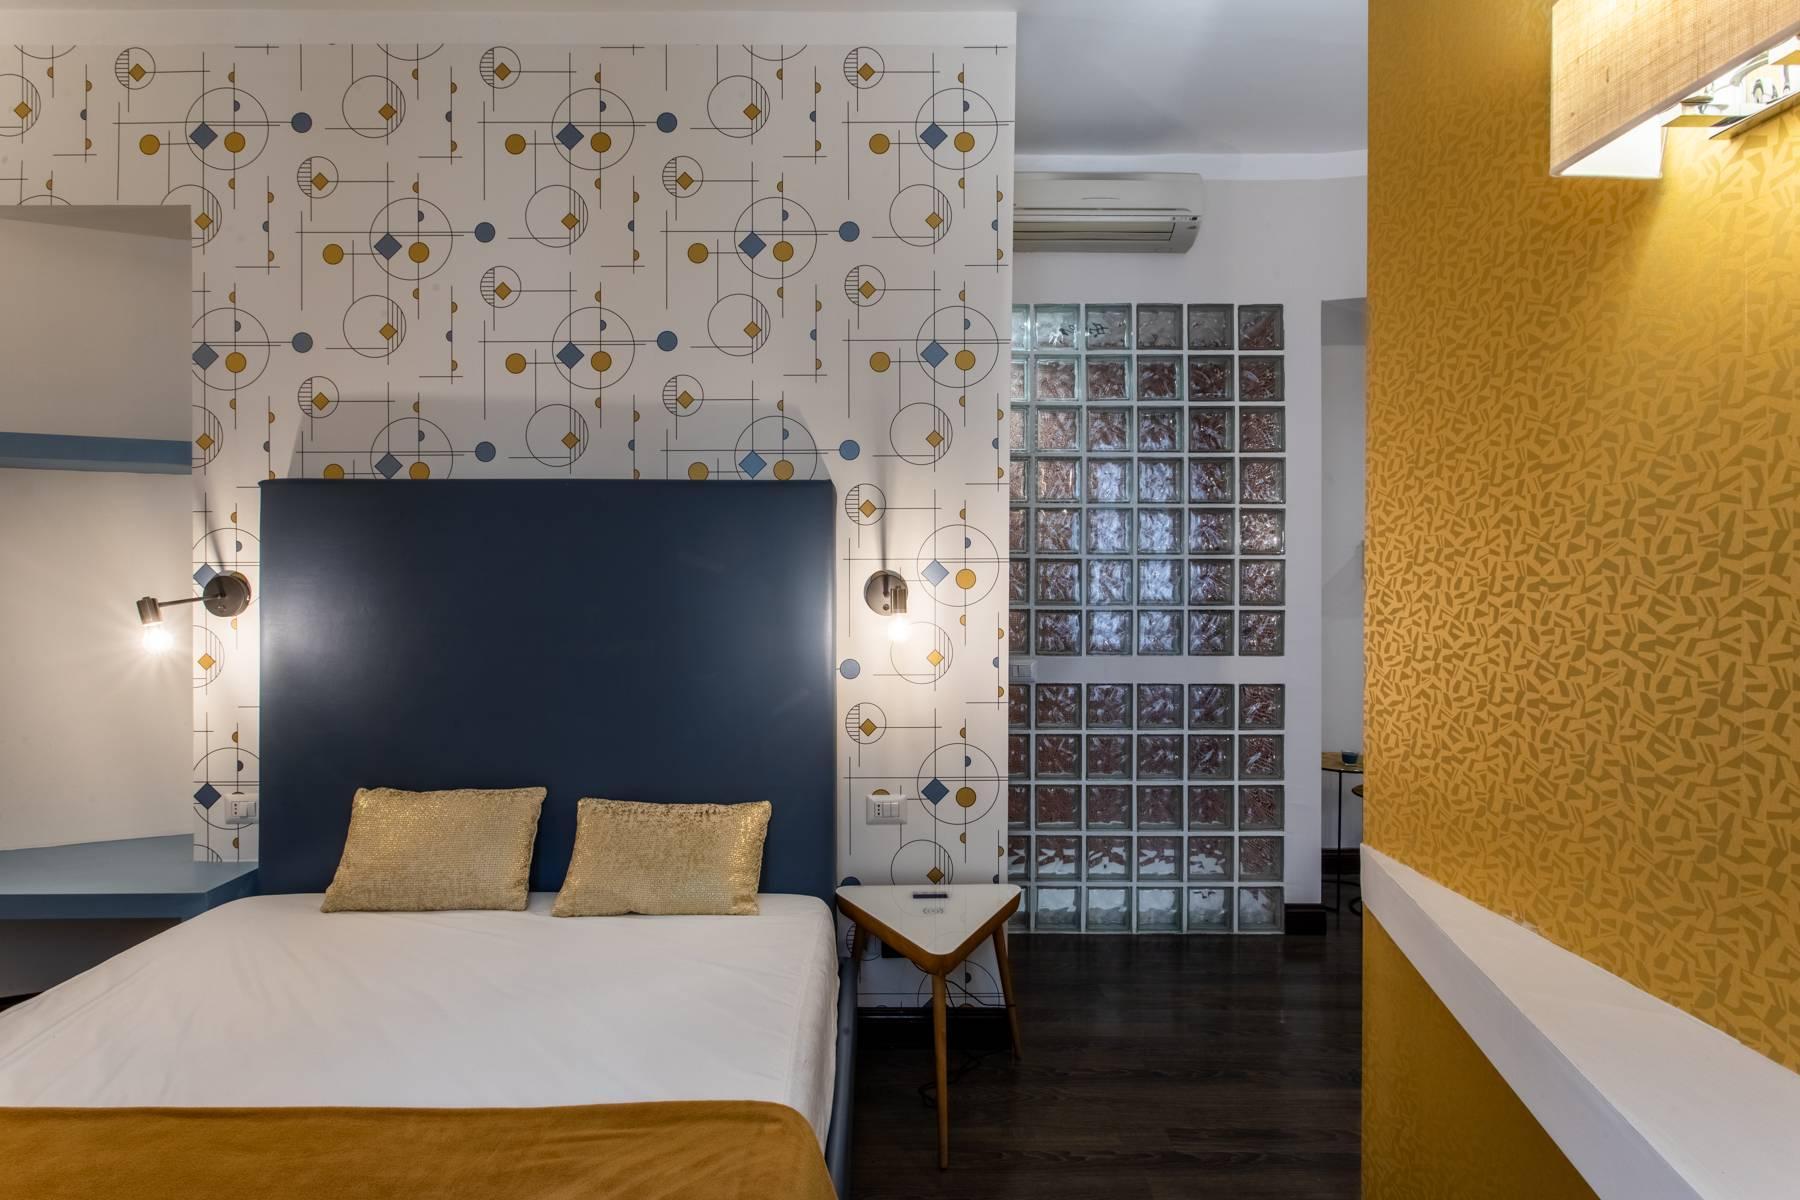 Appartamento dal design moderno a pochi passi da piazza del Popolo - 11